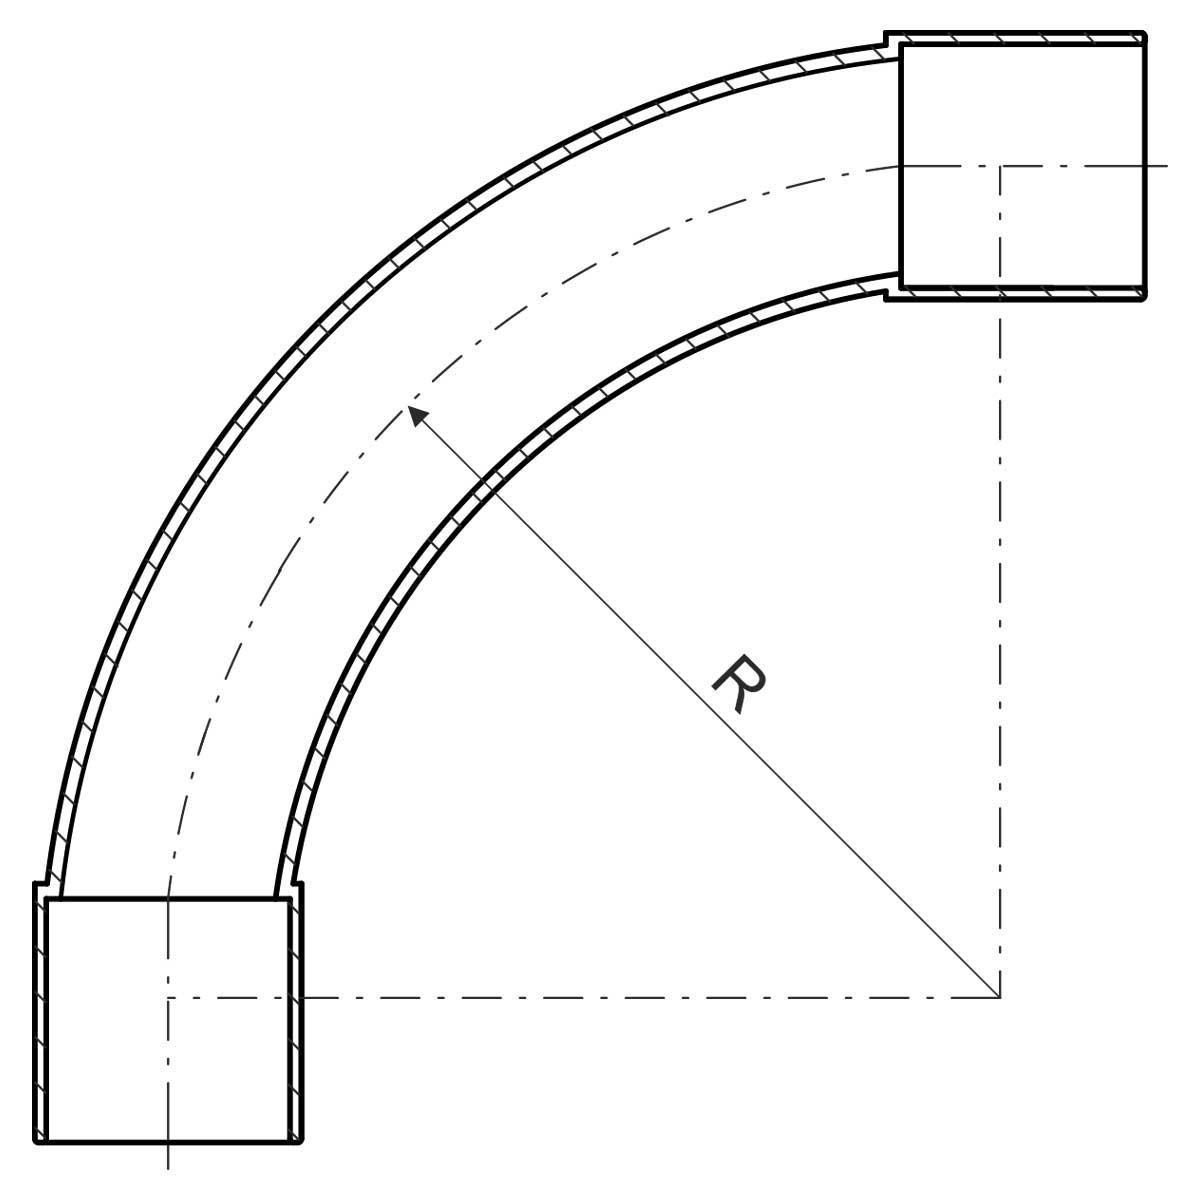 Коліно для труби 32 мм; Ø32мм; РС; безгалогенне; УФ-стійке; t застосування -45+90 °с; чорне;